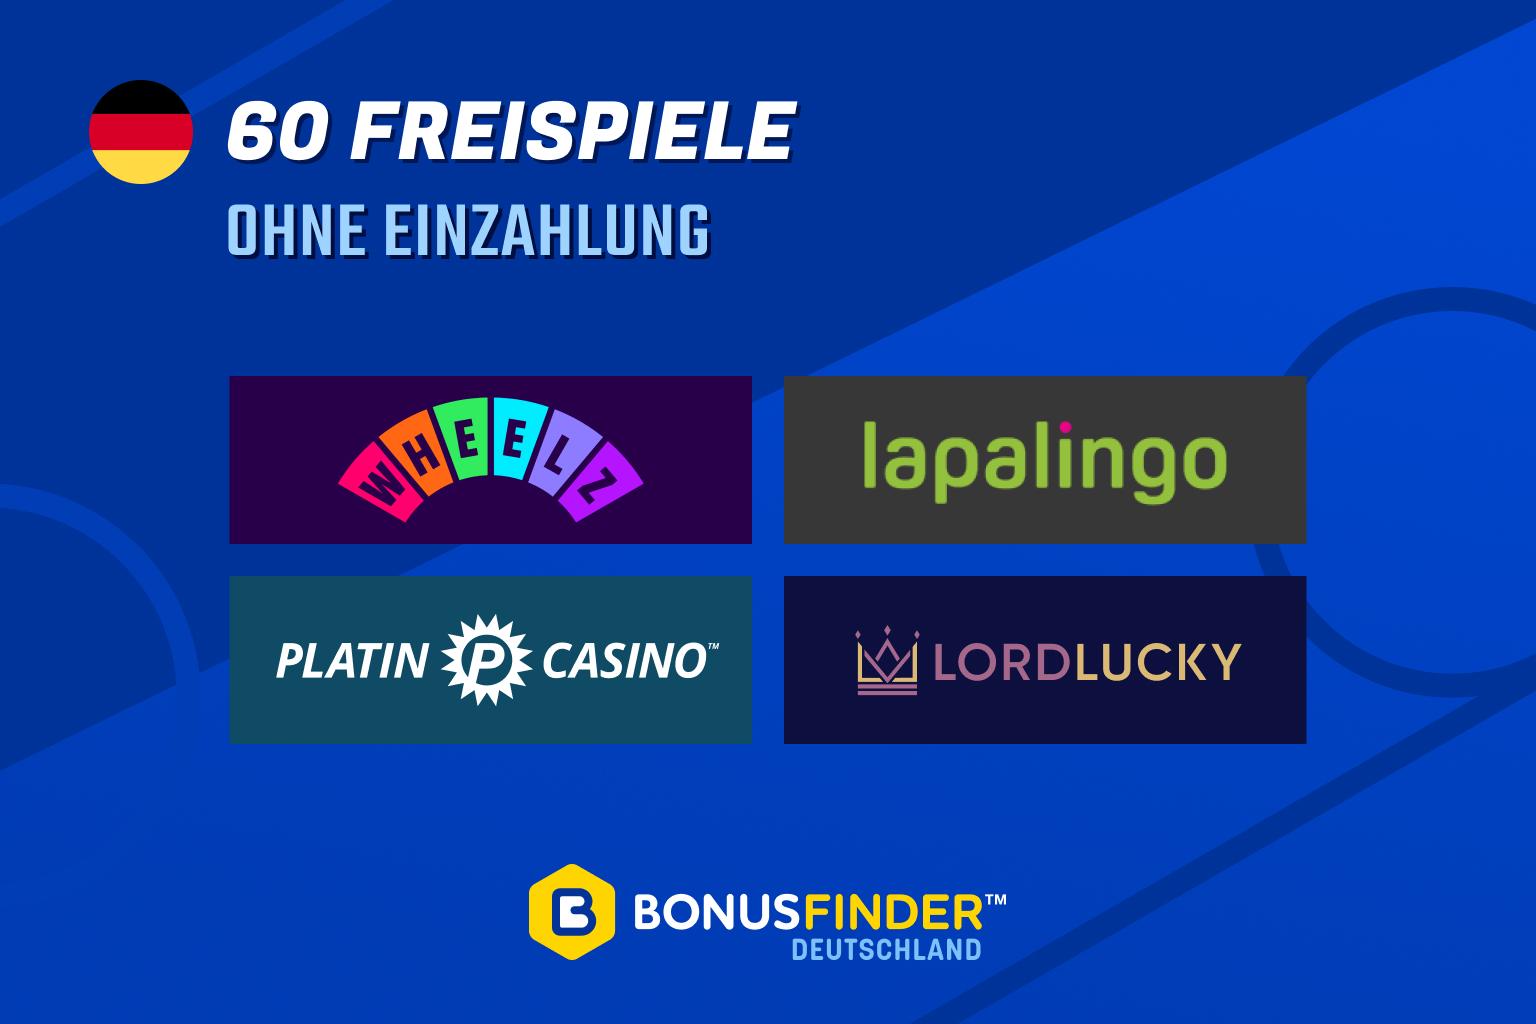 60 freispiele ohne einzahlung casino